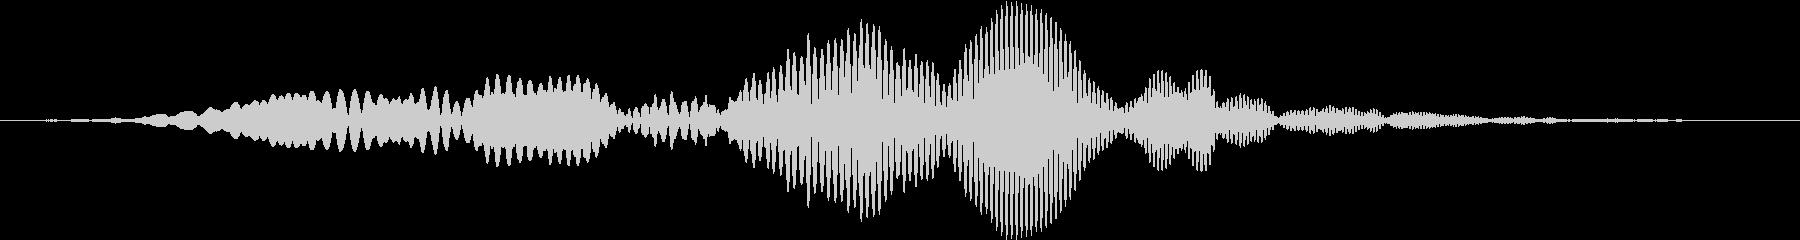 AnimeFX ポヨンとマヌケなSEの未再生の波形